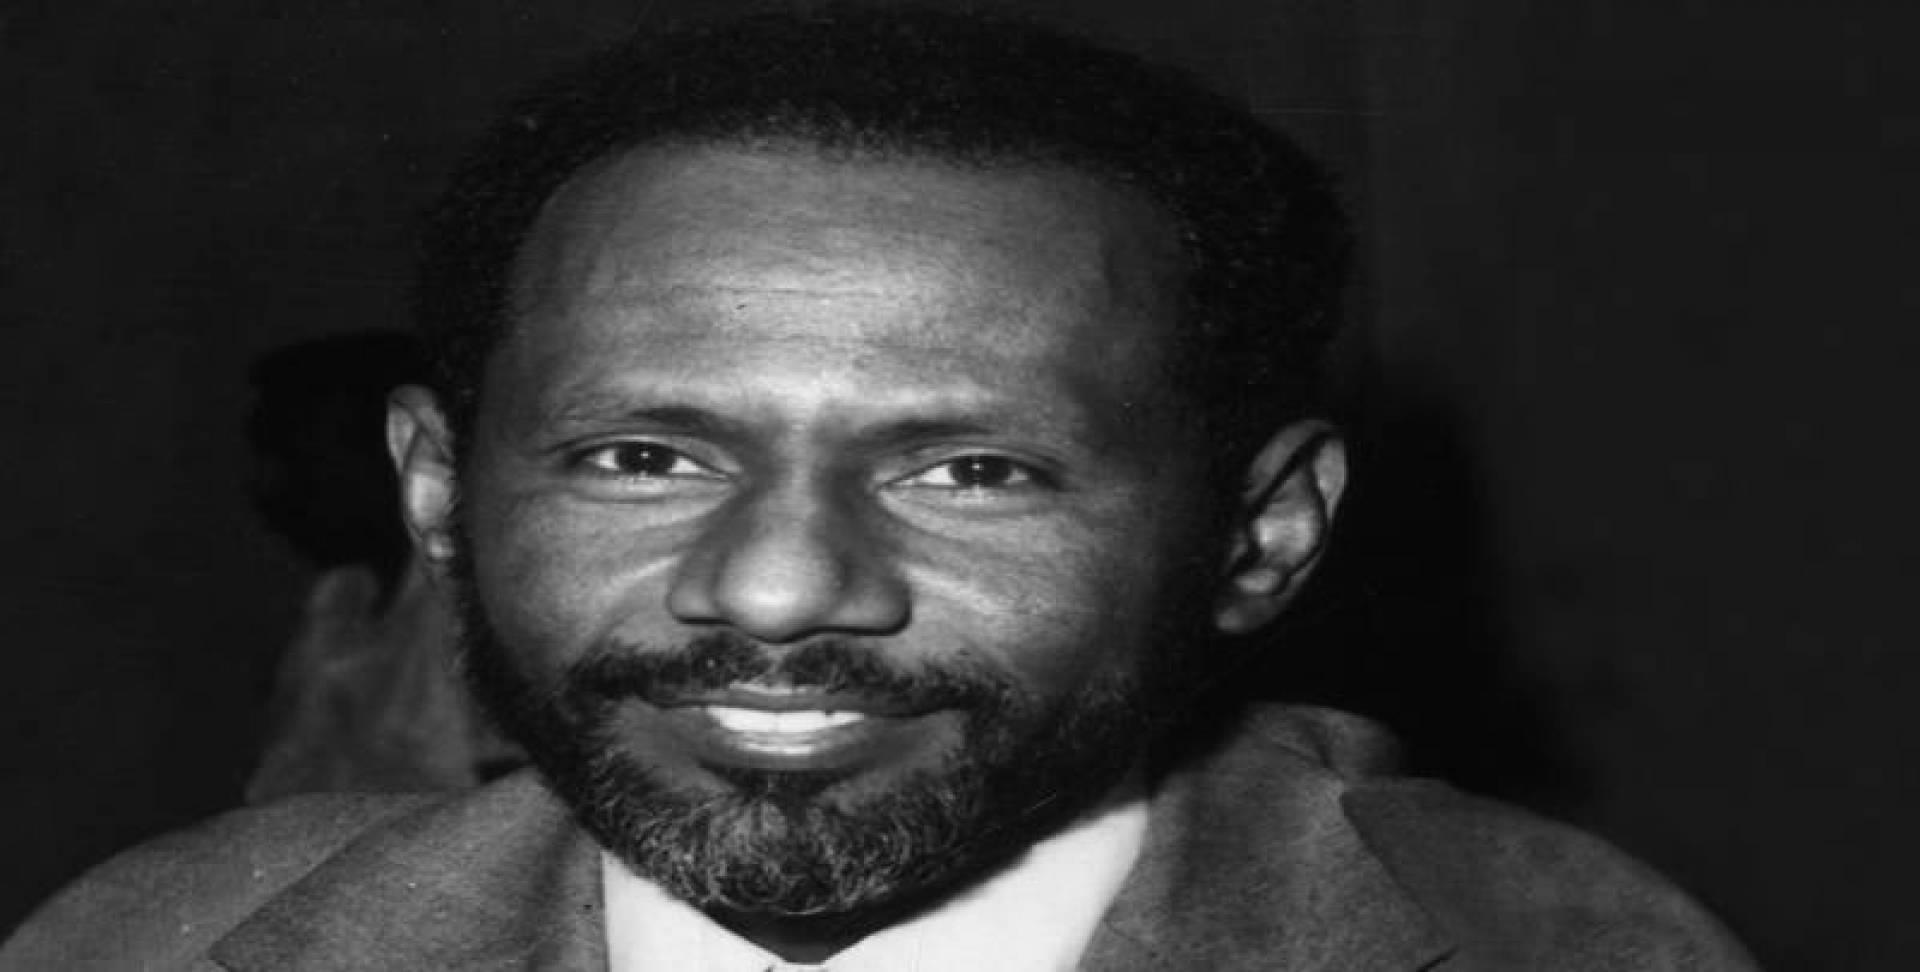 د. حسن الترابي زعيم الإخوان المسلمين السابق في السودان.. أرشيفية